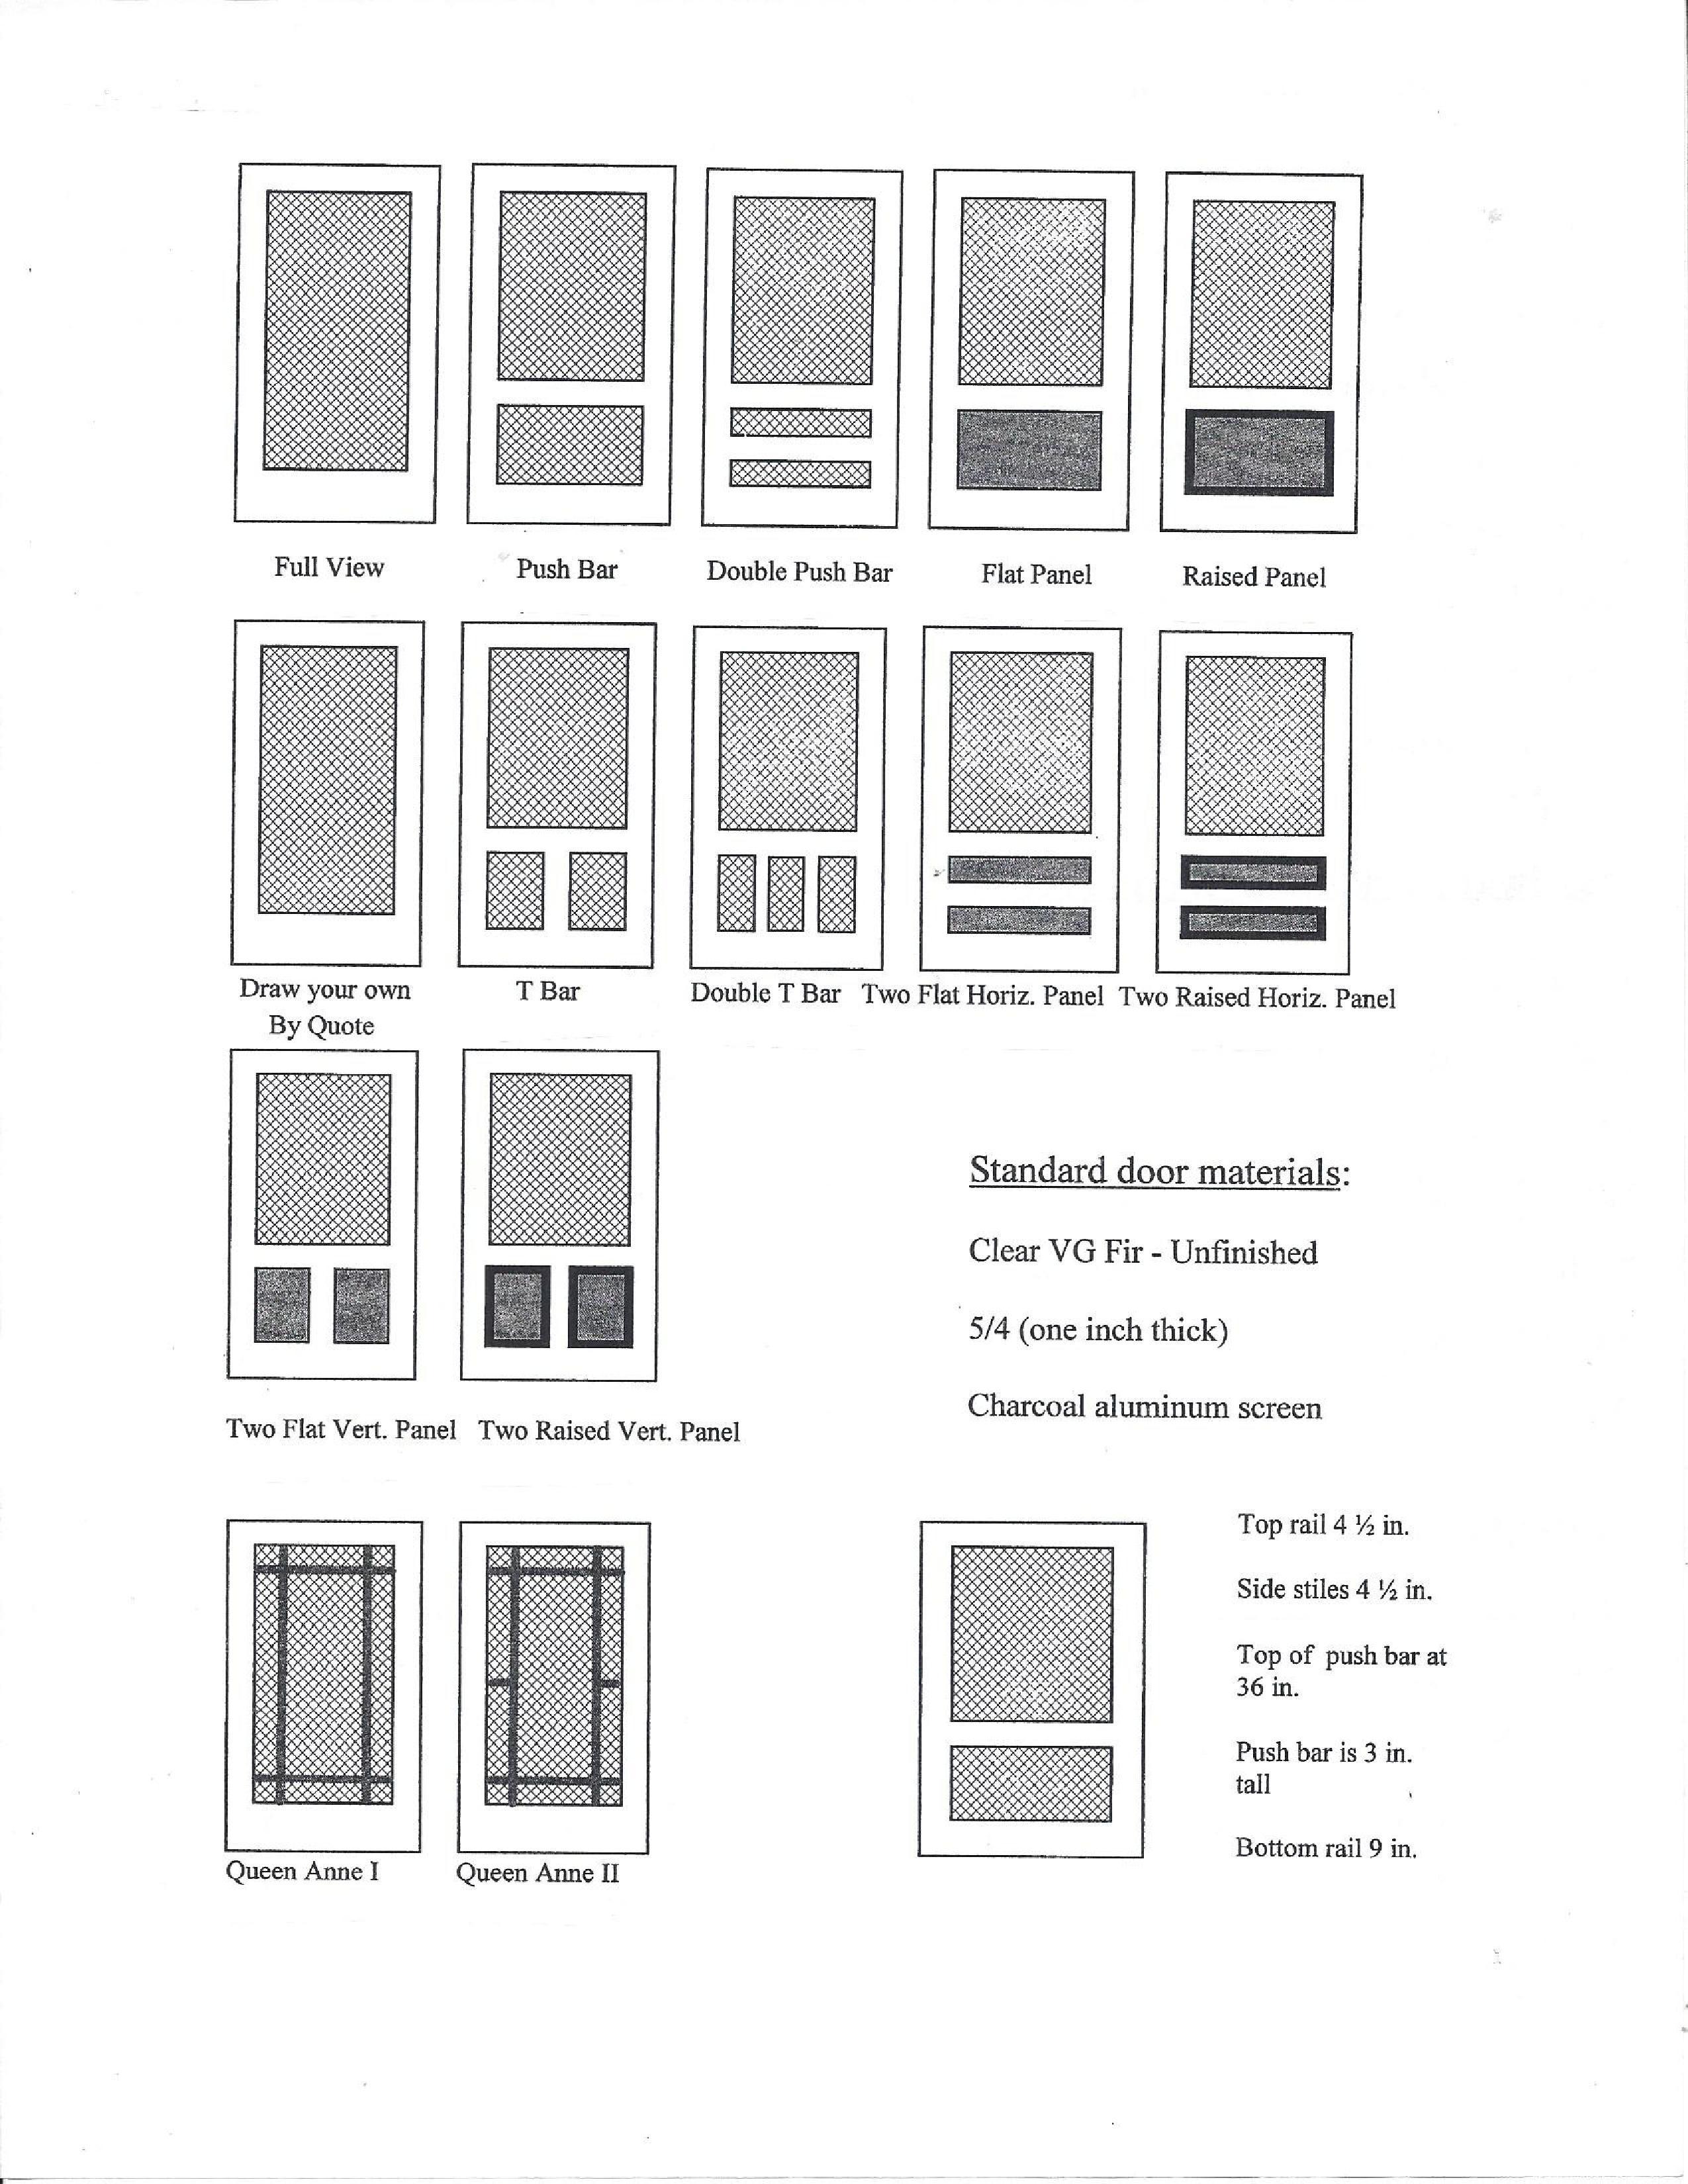 The images below are our Wood Screen Door and Storm Door brochure. Your cost is the list price.  sc 1 st  Truax Builders Supply & Wood Screen Doors u2013 Truax Builders Supply